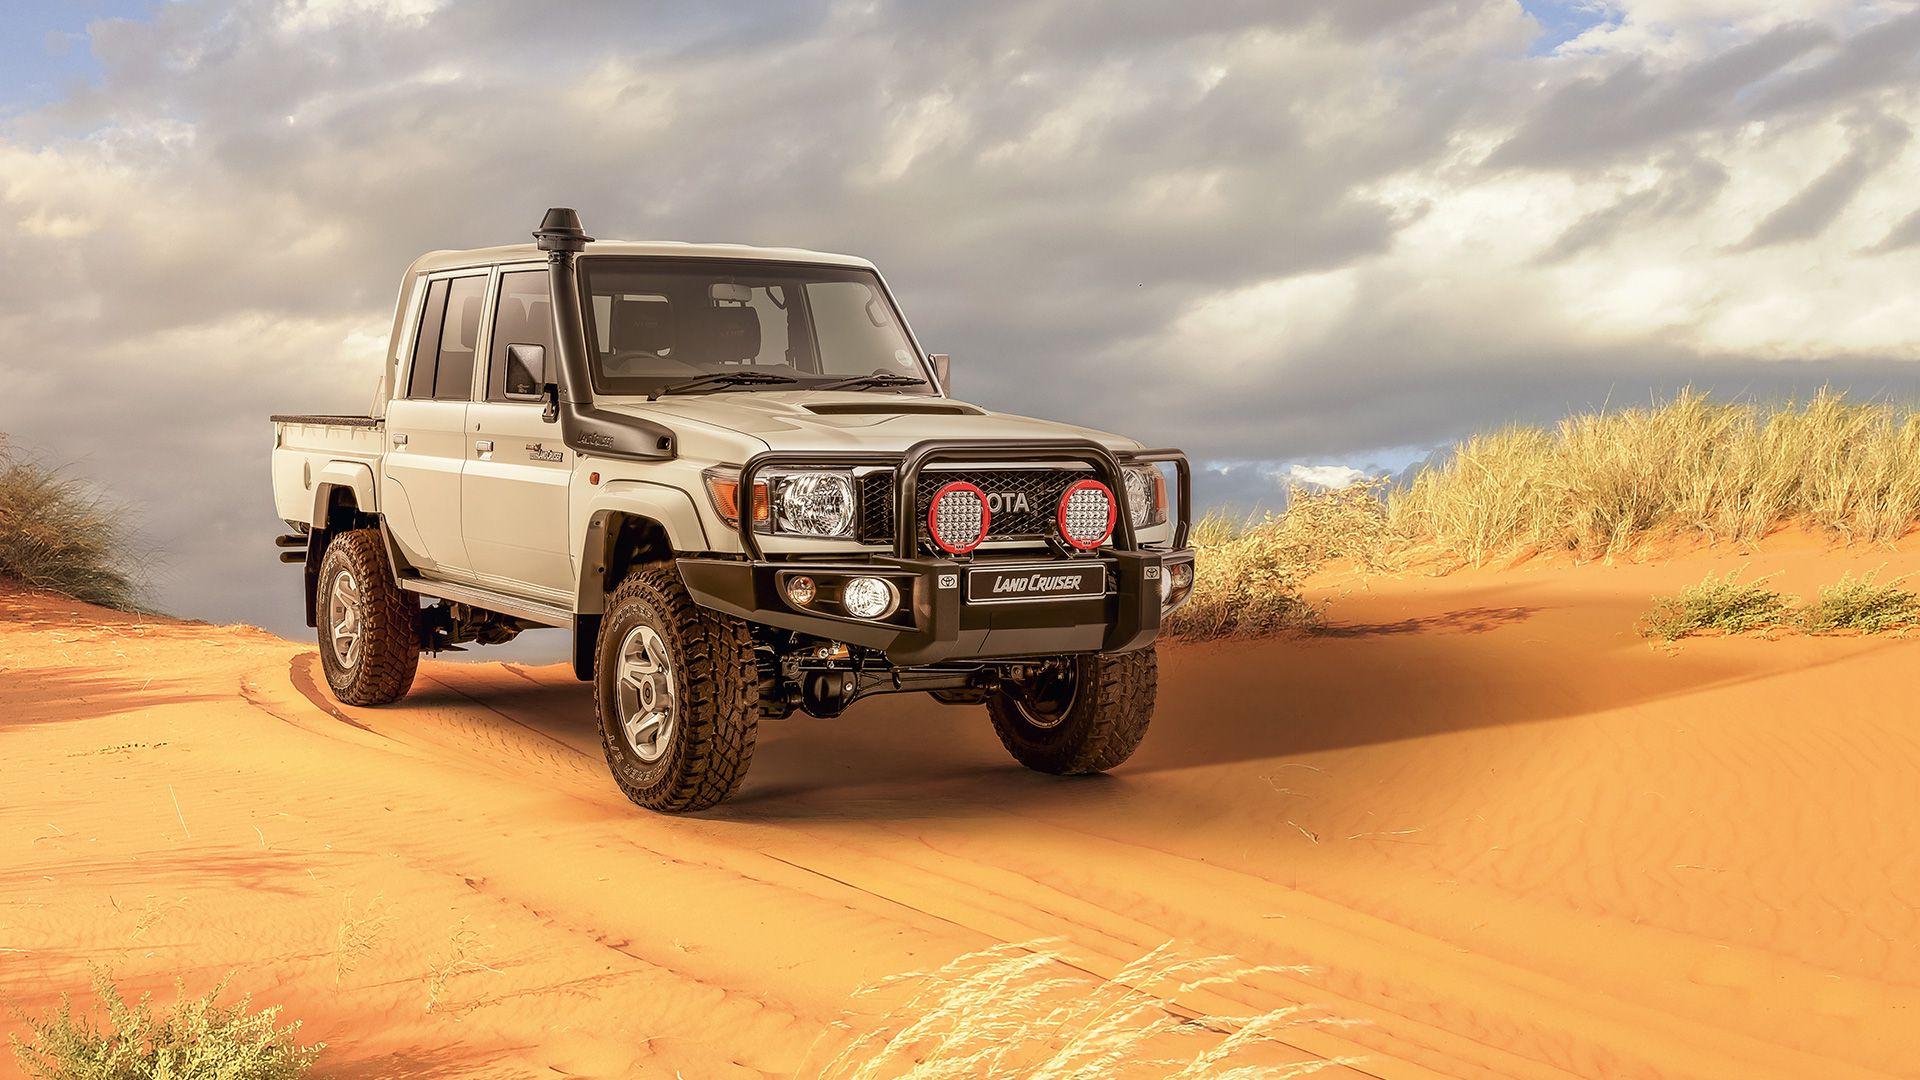 Toyota-Land-Cruiser-Namib-1